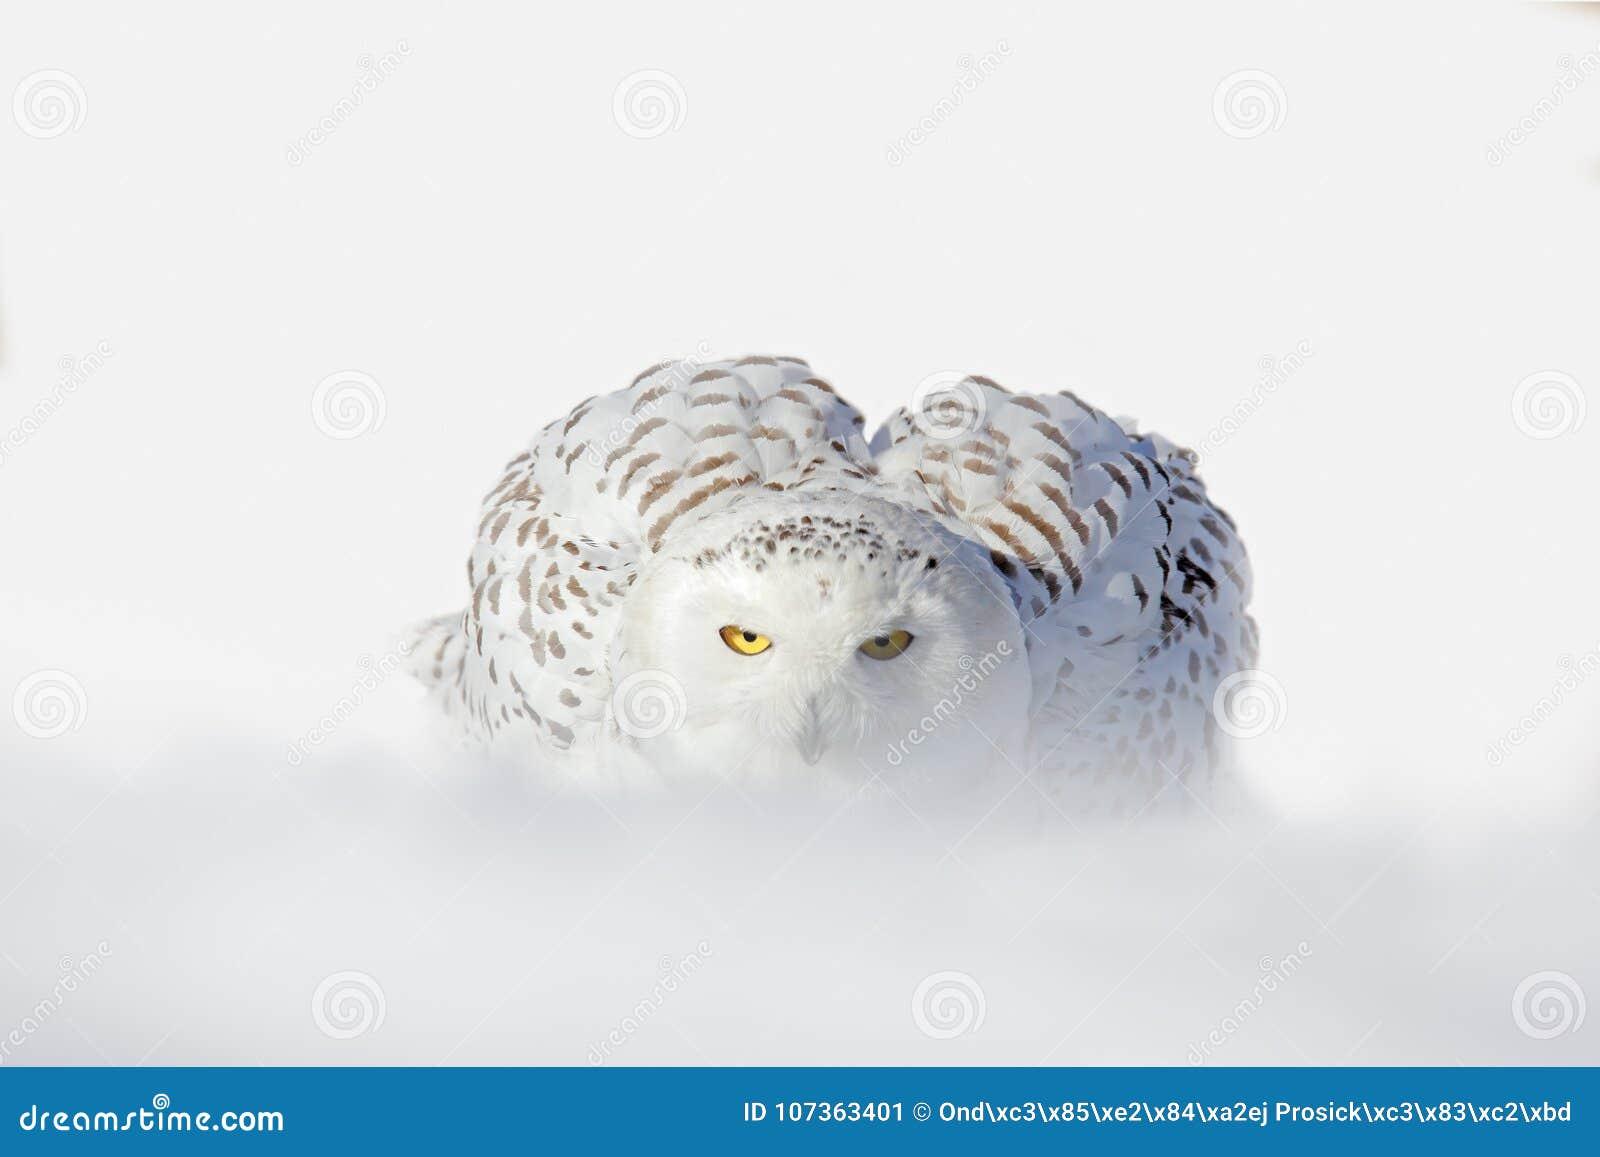 Sneeuwuil, Nyctea-scandiaca, witte zeldzame vogel met gele ogen die op de sneeuw tijdens de koude winter, sneeuwonweer met sneeuw